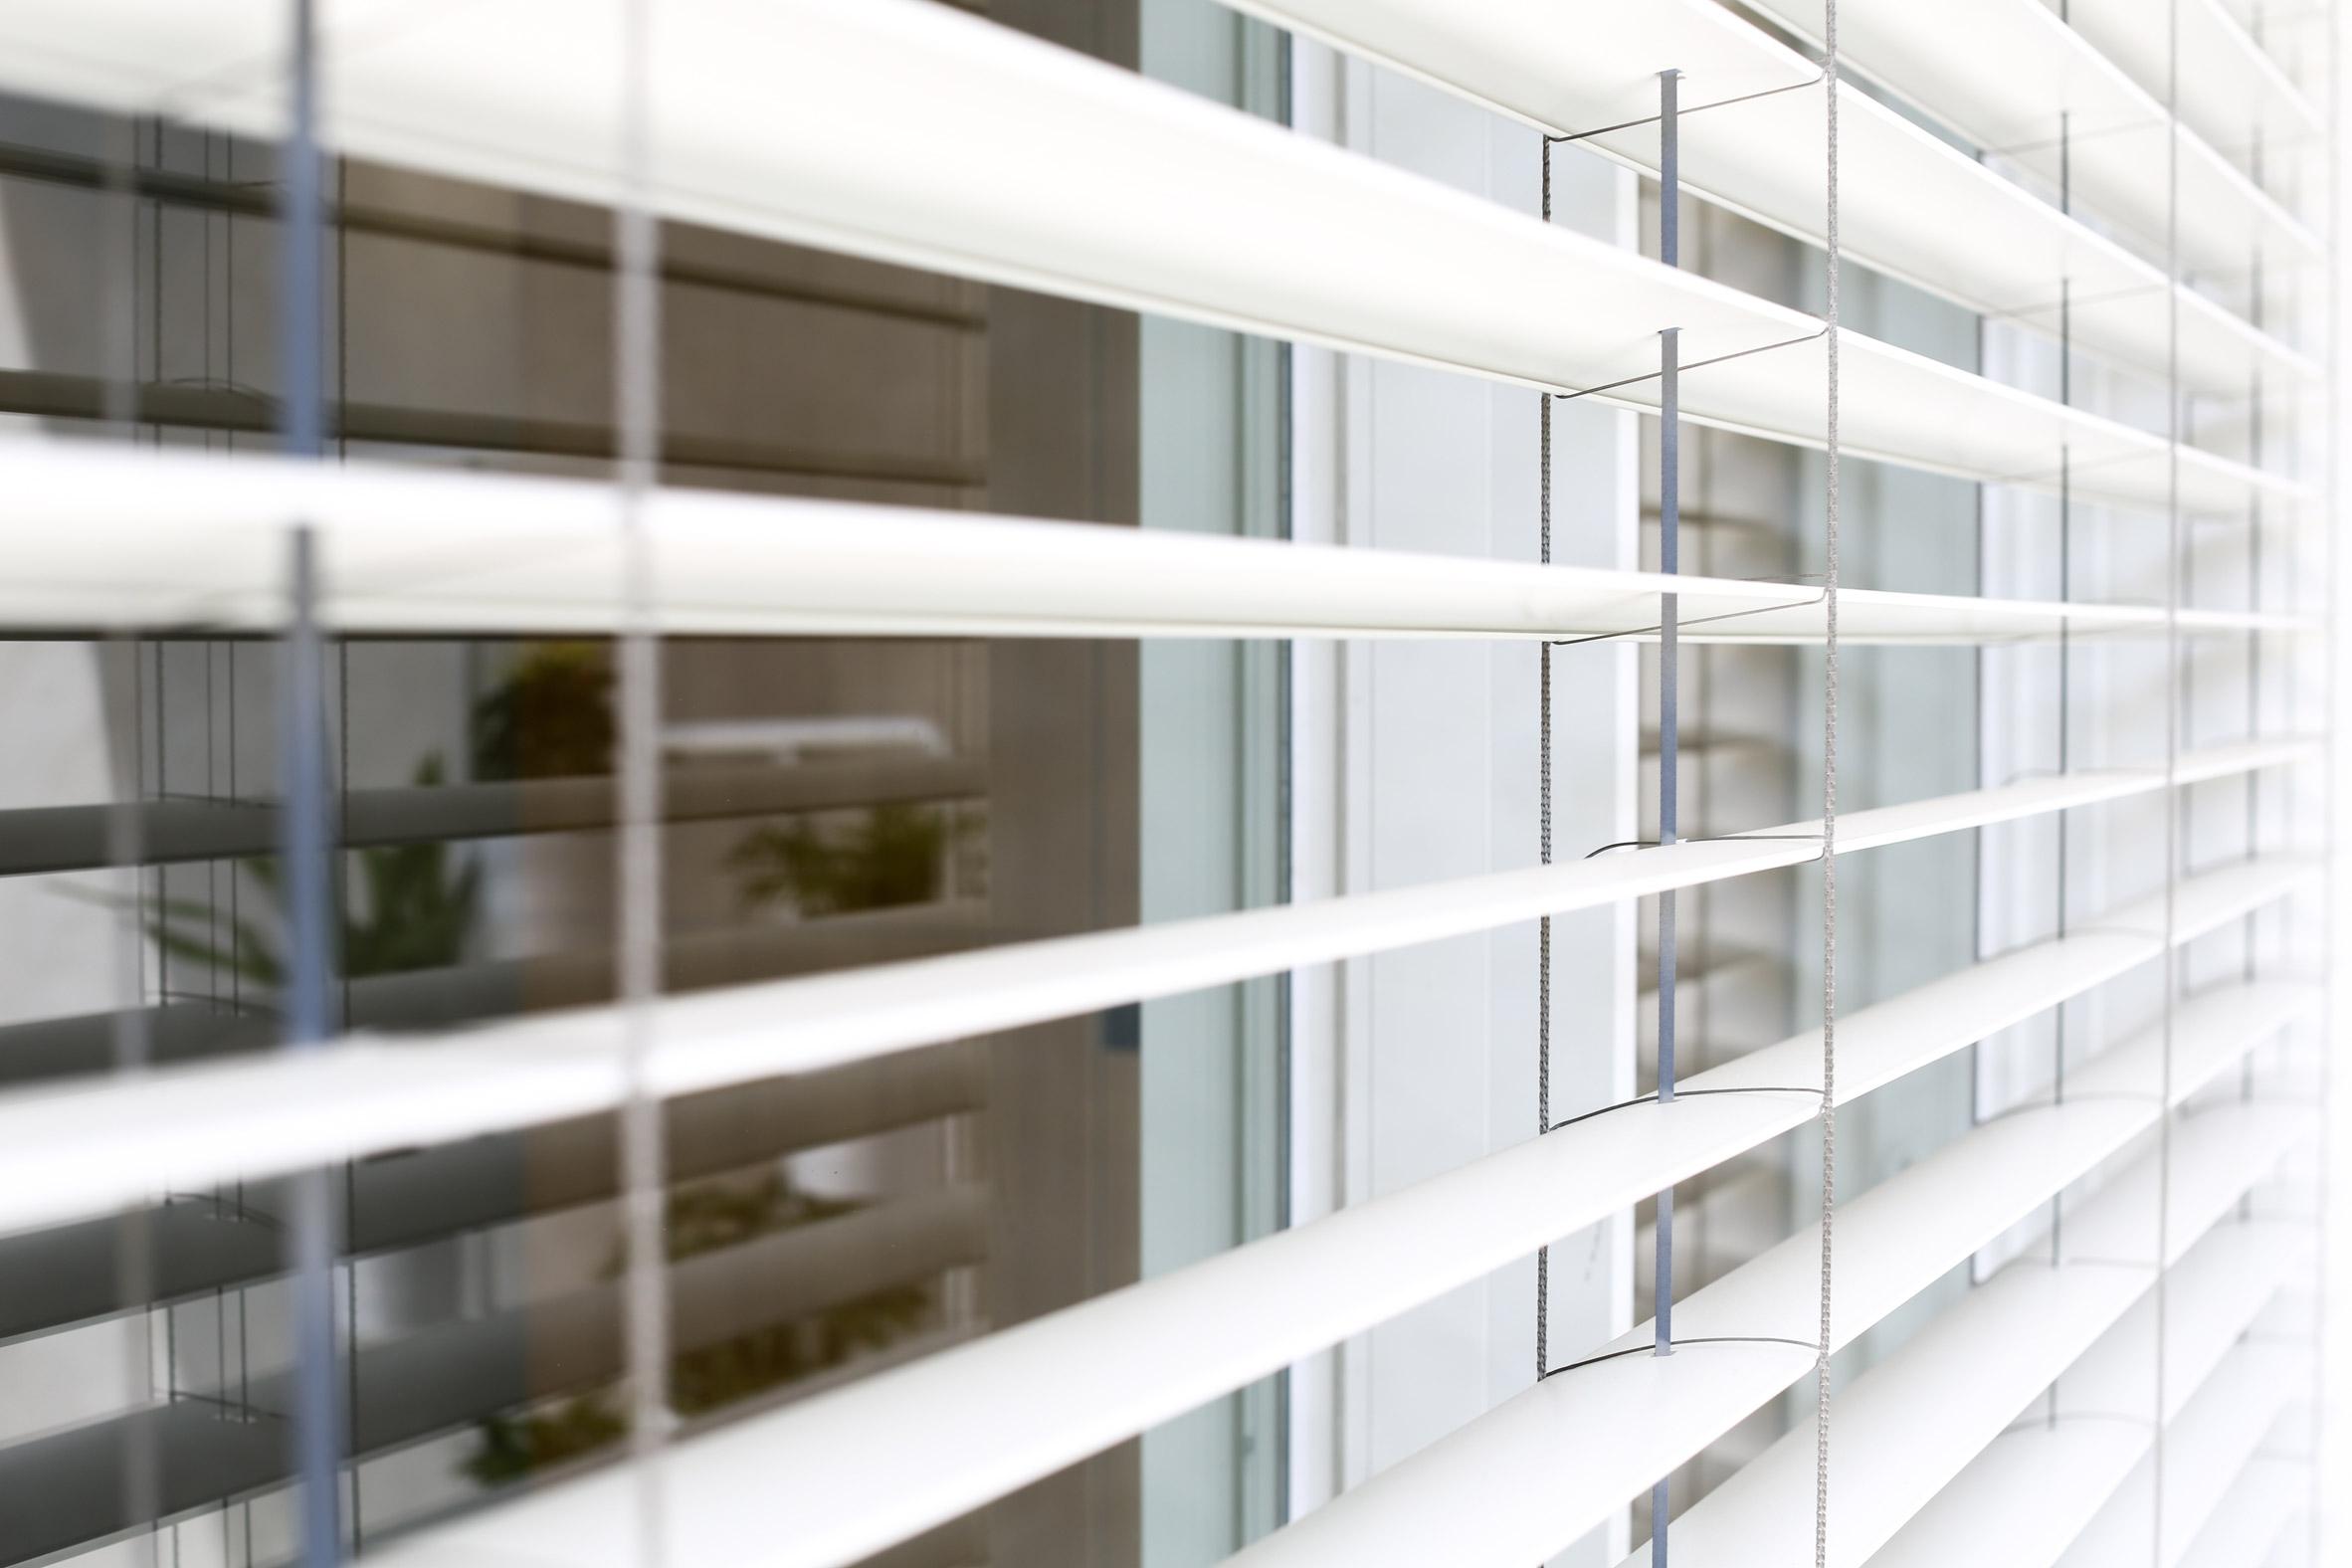 architecture-apartment-tel-aviv-design-studia-interiors-osnovadesign-osnova-poltava_17